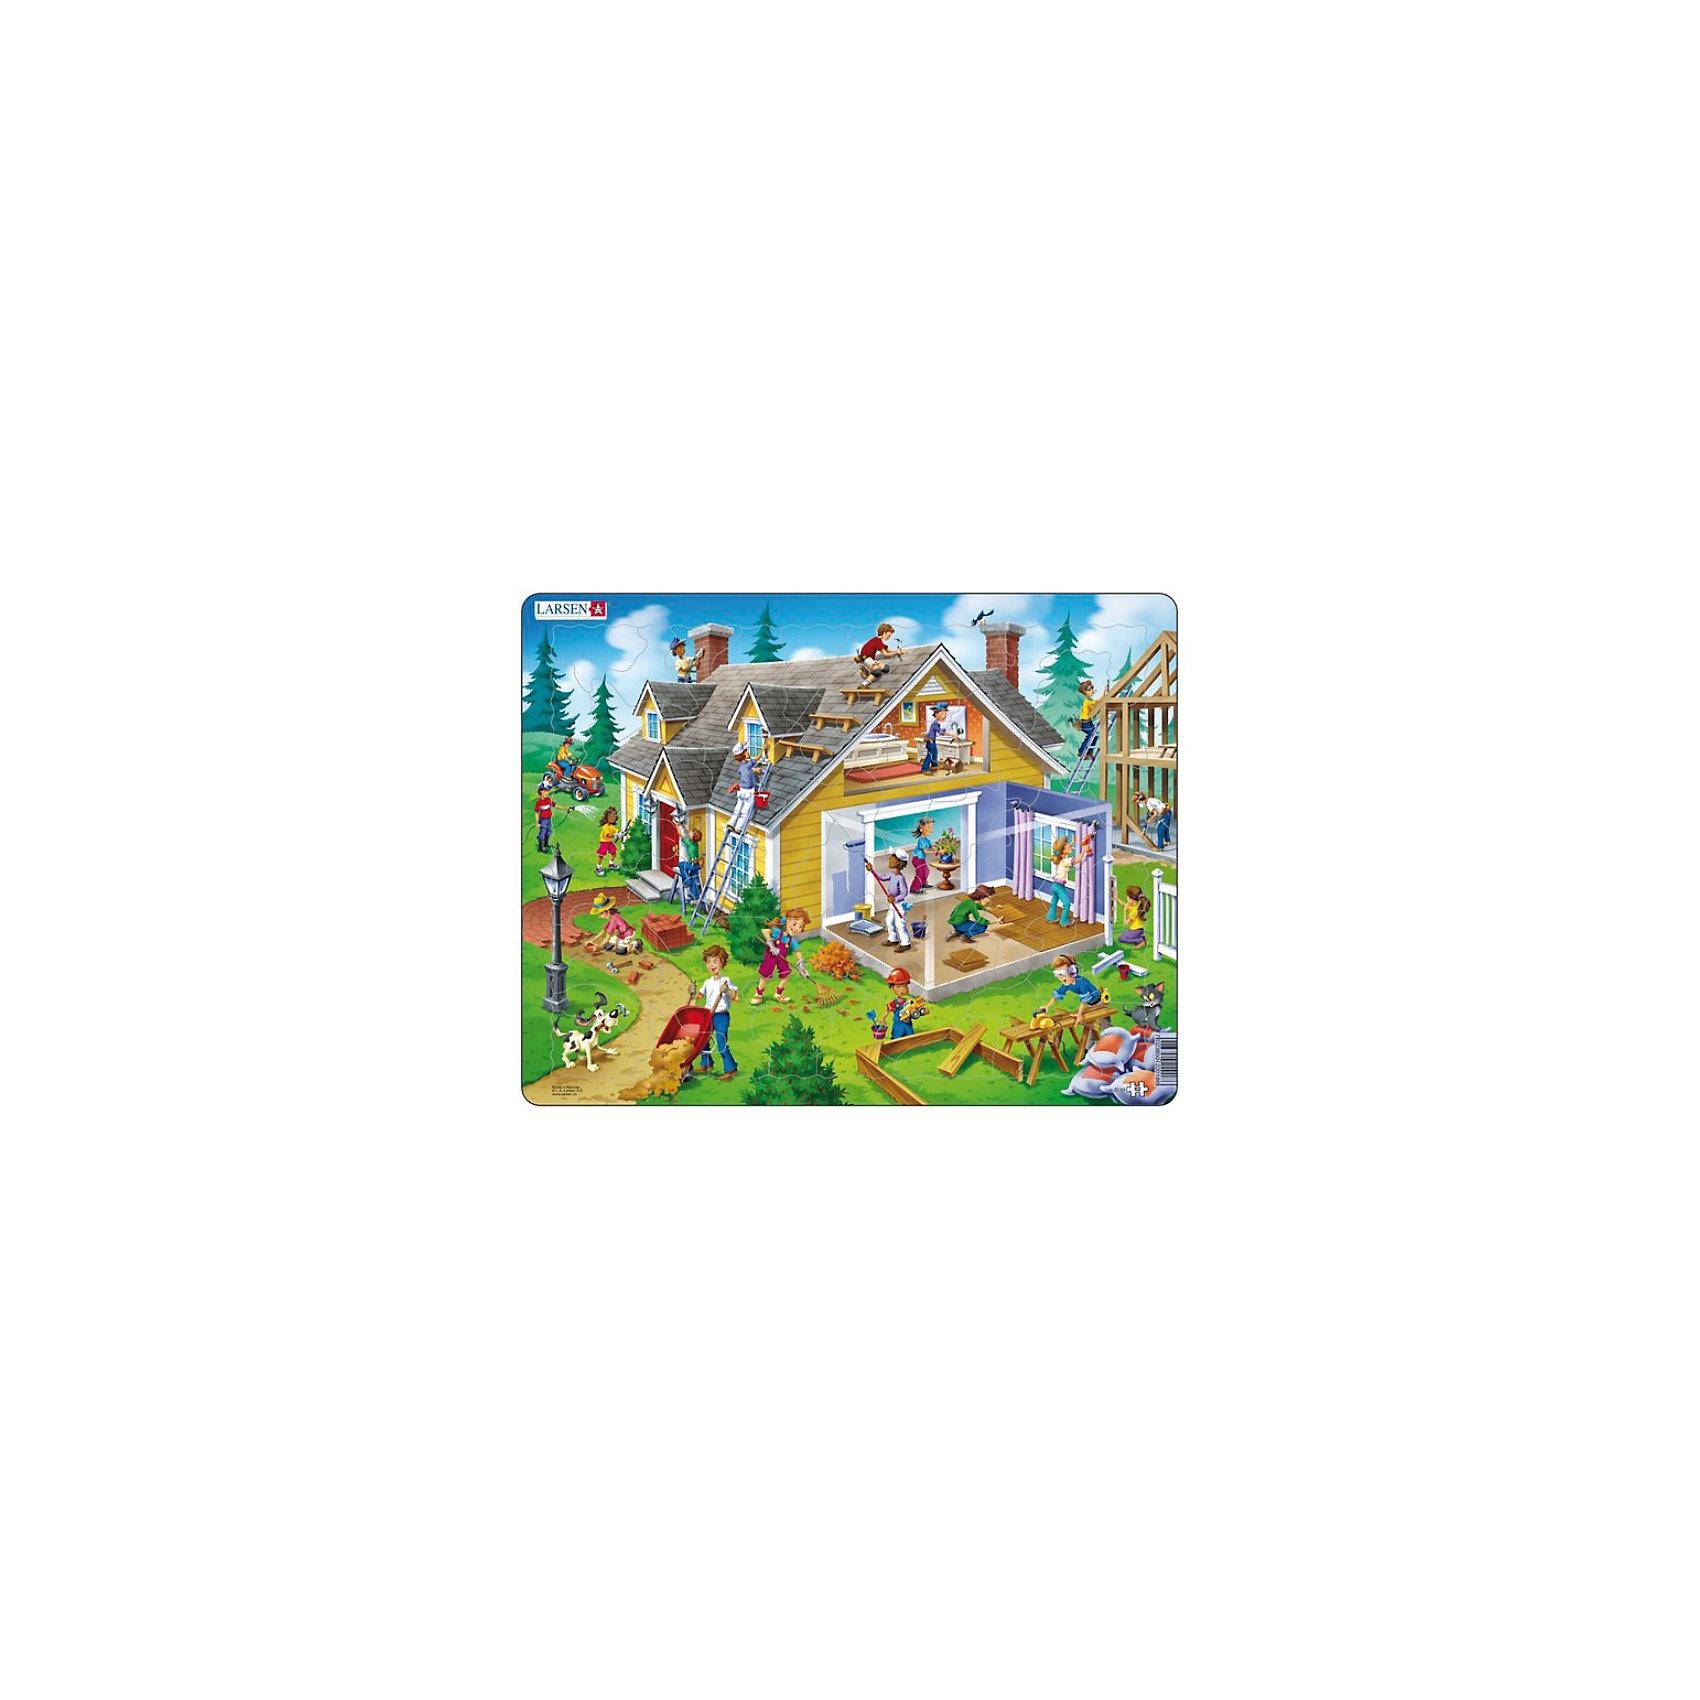 Пазл Дом,  Larsen, 62 деталиКоличество деталей<br>Пазл Дом,  Larsen, 62 детали - это яркий и красивый пазл. На живописном участке изображен ярко-желтый деревянный дом с черепичной крышей. На пазле изображена внешняя часть дома и внутренняя. В процессе сборки пазла взрослые могут называть все составные части дома: стены, крыша, дверь, окна, чердак, труба, цветы. Можно акцентировать внимание на действиях людей, производящих строительные работы: красит стены, кладет паркет, кладет тротуарную плитку, подметает, поднимается по лестнице, вешает занавески и так далее. Изготовлен пазл из плотного трехслойного картона, имеет специальную подложку и рамку, которые облегчают процесс сборки. Принцип сборки пазла заключается в использовании принципа совместимости изображений и контуров пазла. Если малыш не сможет совместить детали пазла по рисунку, он сделает это по контуру пазла, вставив его в подложку как вкладыш. Высокое качество материала и печати не допускают износа, расслаивания, деформации деталей и стирания рисунка. Многообразие форм и разные размеры деталей пазла развивают мелкую моторику пальцев. Занятия по сборке пазла развивают образное и логическое мышление, пространственное воображение, память, внимание, усидчивость, координацию движений.<br><br>Дополнительная информация:<br><br>- Количество элементов: 62 детали<br>- Материал: плотный трехслойный картон<br>- Размер пазла: 36,5 x 28,5 см.<br><br>Пазл Дом,  Larsen (Ларсен), 62 детали можно купить в нашем интернет-магазине.<br><br>Ширина мм: 360<br>Глубина мм: 360<br>Высота мм: 280<br>Вес г: 100<br>Возраст от месяцев: 36<br>Возраст до месяцев: 60<br>Пол: Унисекс<br>Возраст: Детский<br>Количество деталей: 62<br>SKU: 3610584